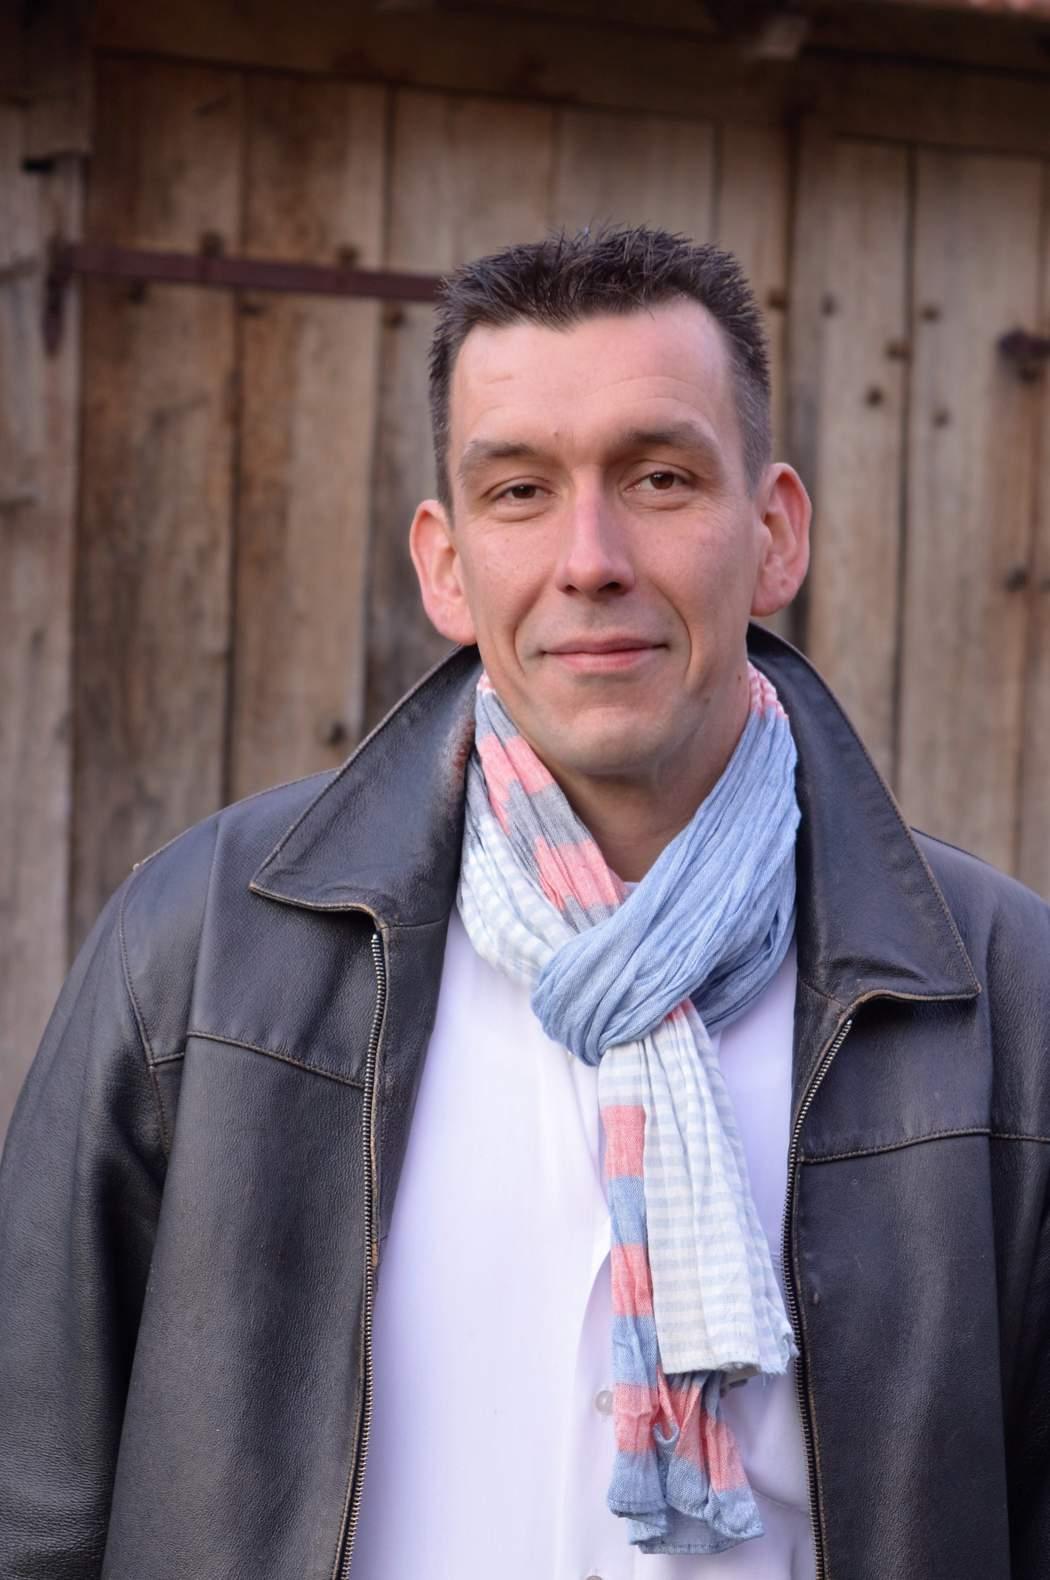 Leiter Arbeitskreis: Gerd Bonnarens